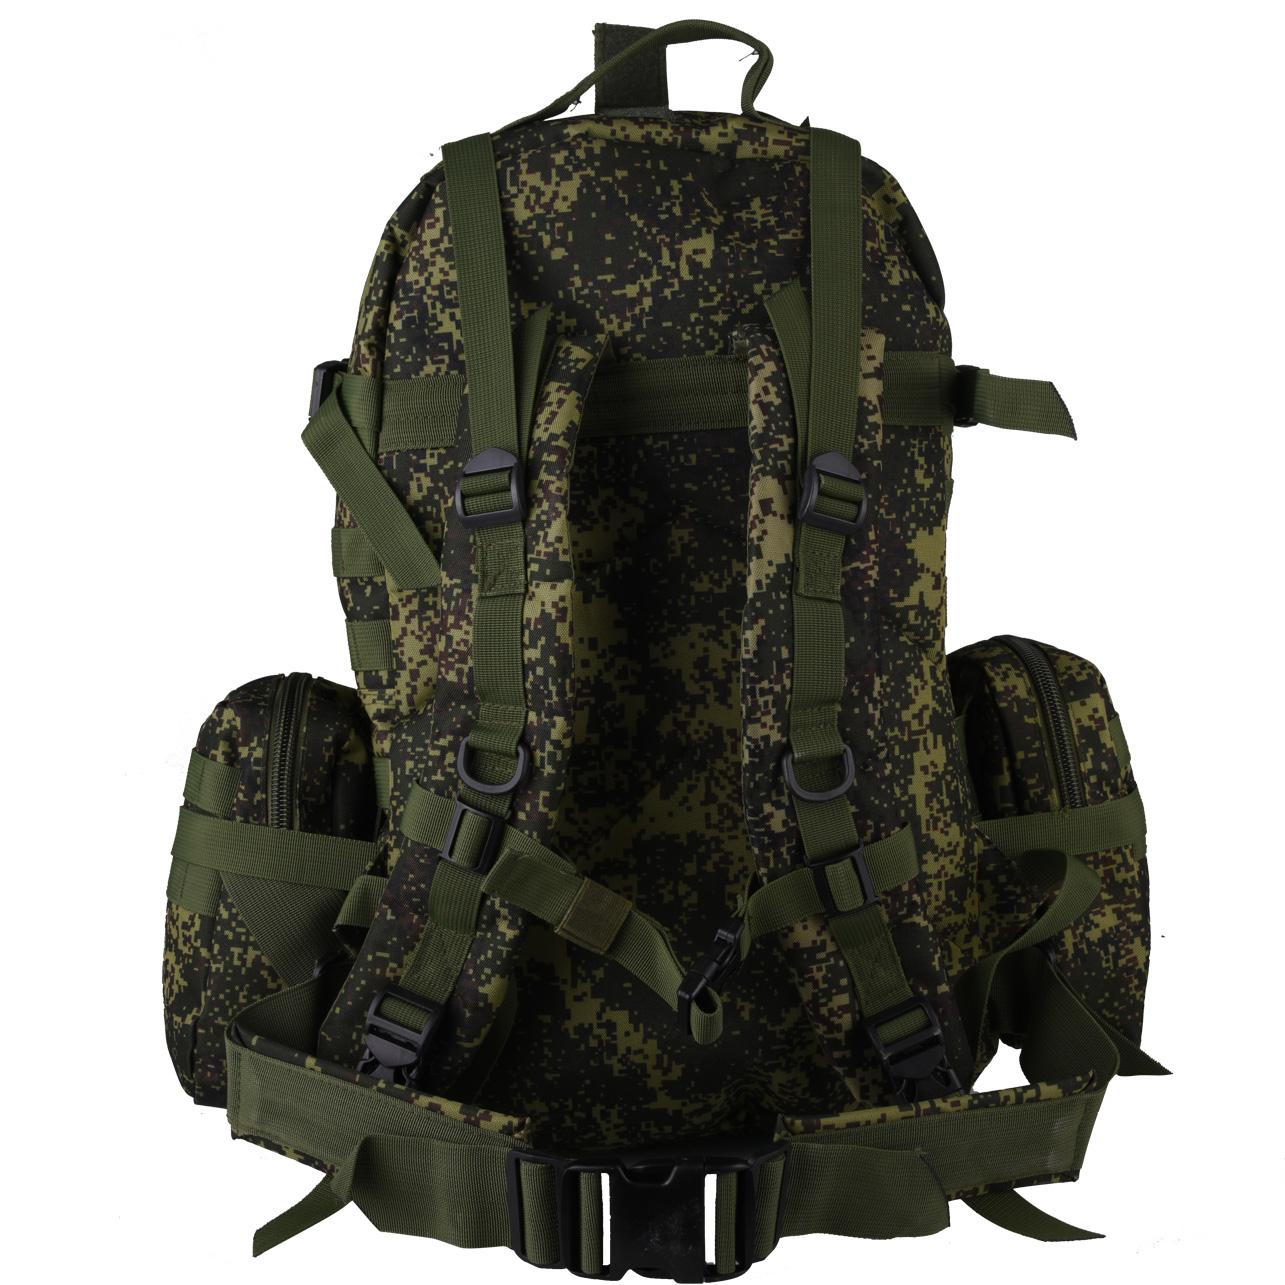 Тактический камуфляжный рюкзак с нашивкой Спецназ - купить по низкой цене